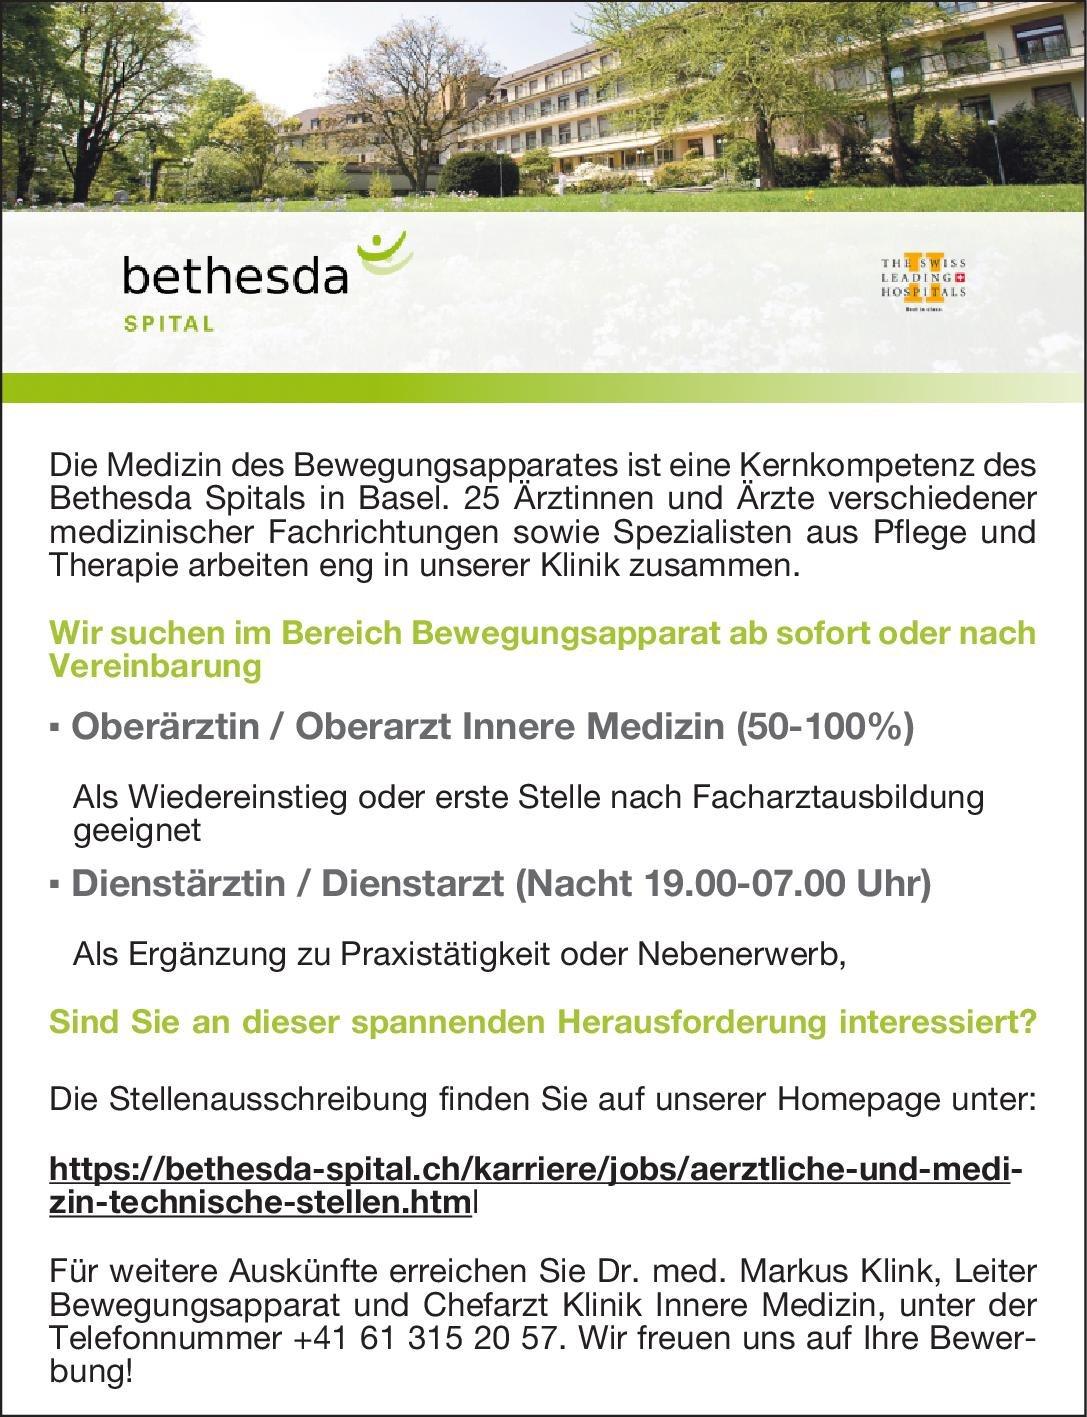 Bethesda -Spital AG Dienstärztin / Dienstarzt (Nacht 19.00-07.00 Uhr)  Innere Medizin, Innere Medizin Arzt / Facharzt